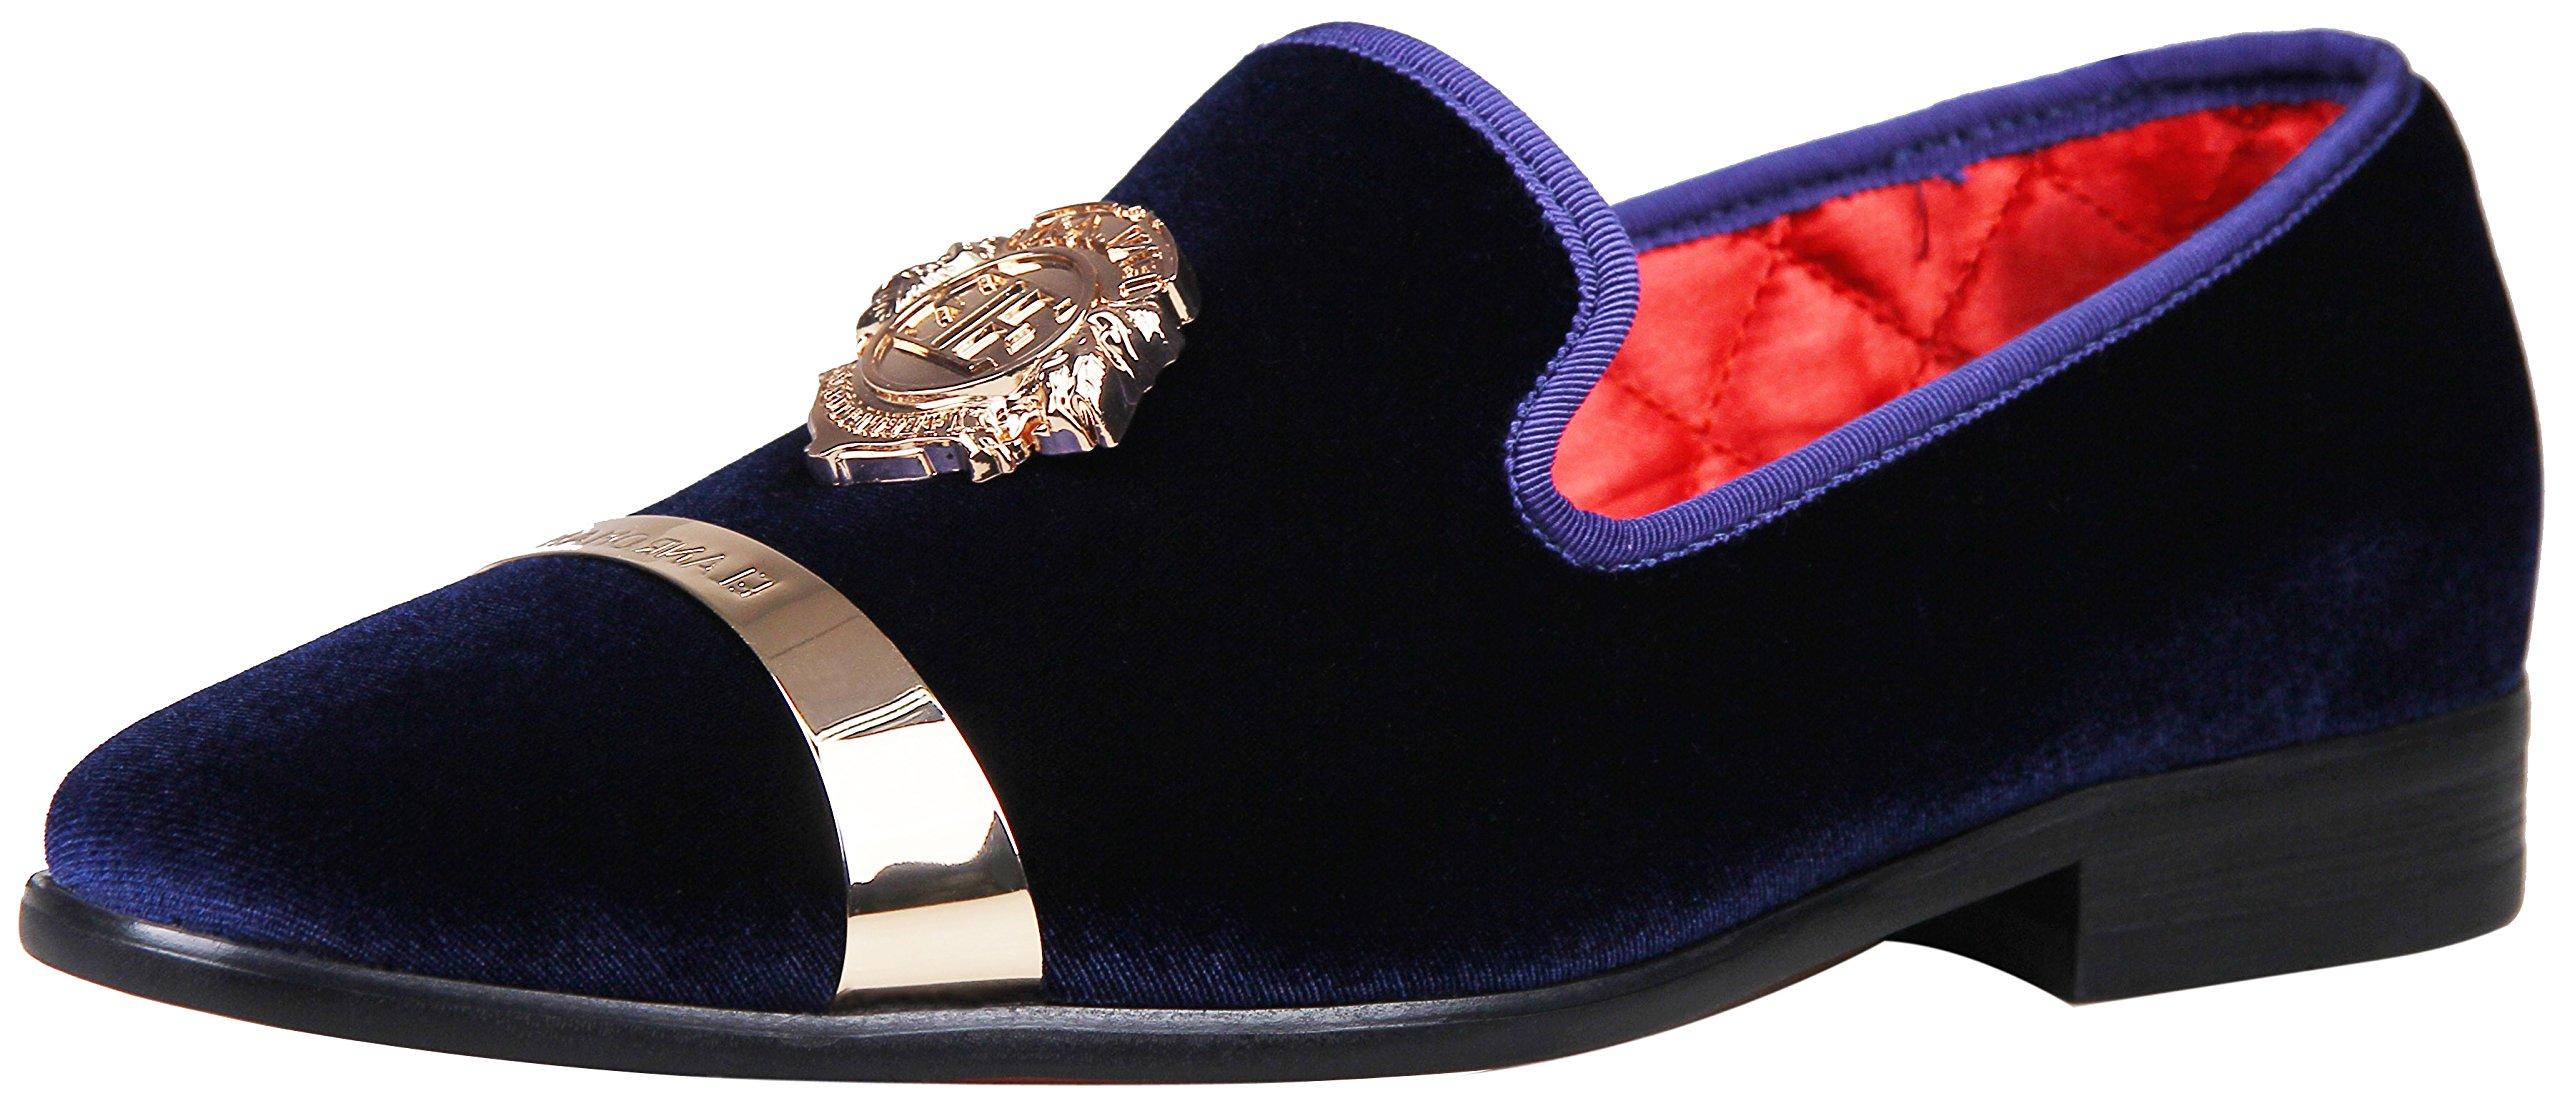 ELANROMAN Men Velvet Dress Shoe with Gold Plate Velvet Loafers Shoes US 10.5 EUR 45 Feet Lenght 300mm Navy